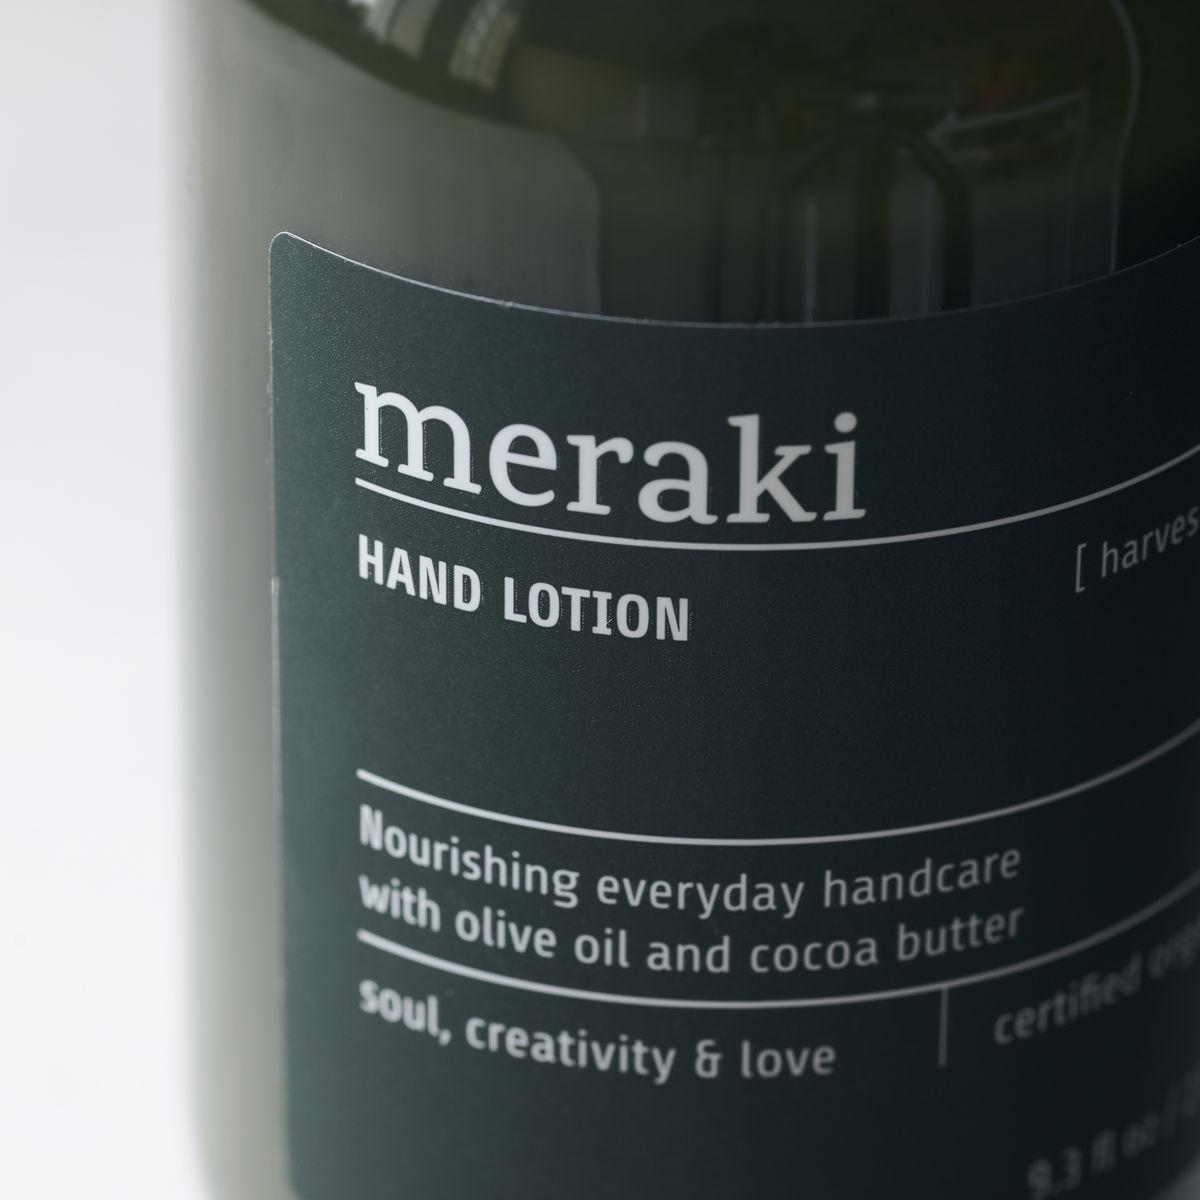 Håndlotion - Harvest moon - Meraki